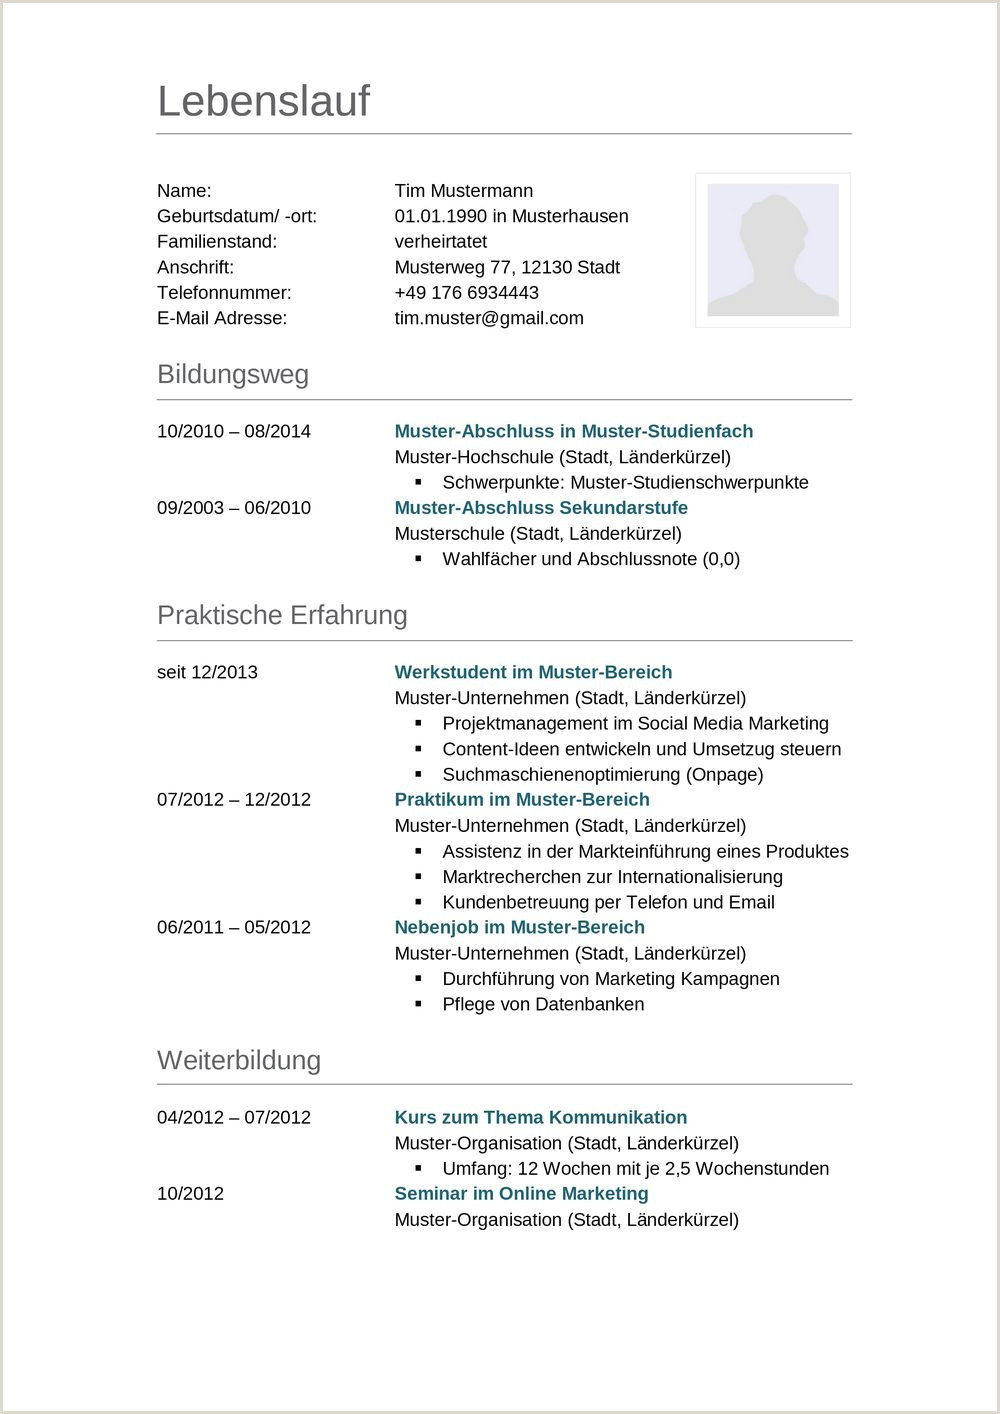 Lebenslauf Vorlage Schüler 1 Mahnung Muster 2019 01